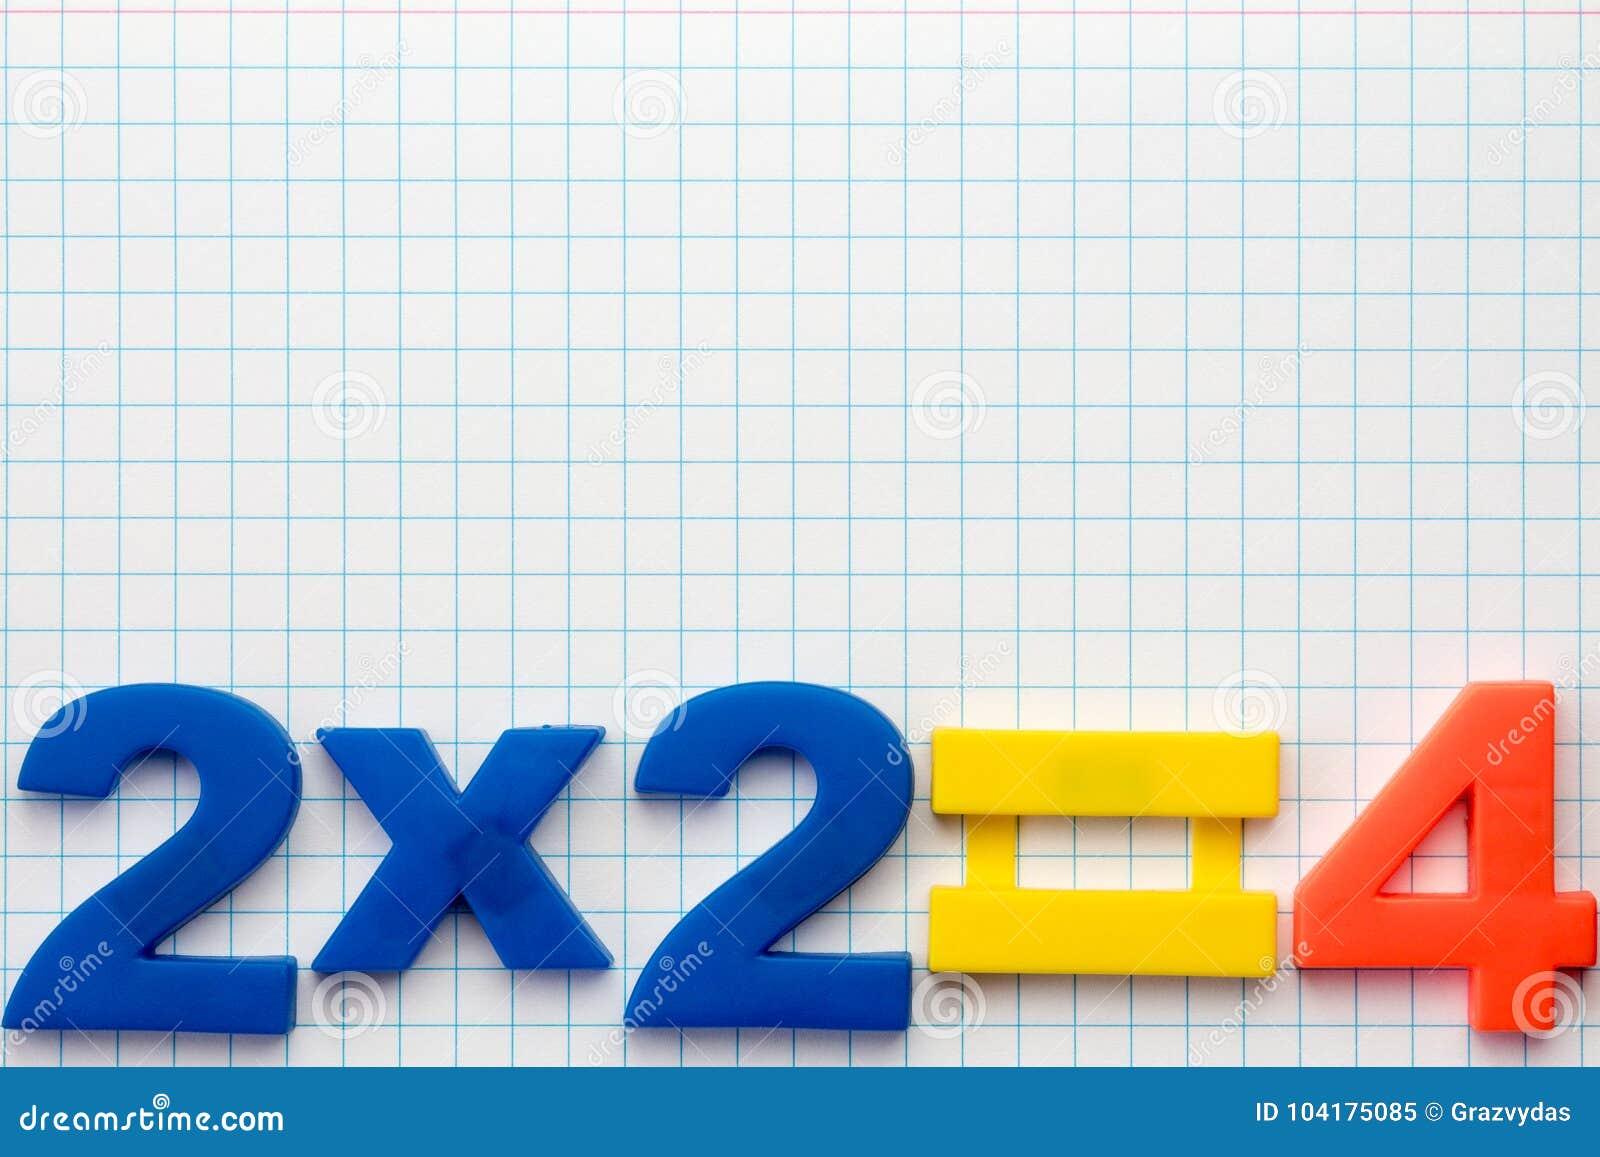 Simple math formula stock image. Image of elementary - 104175085